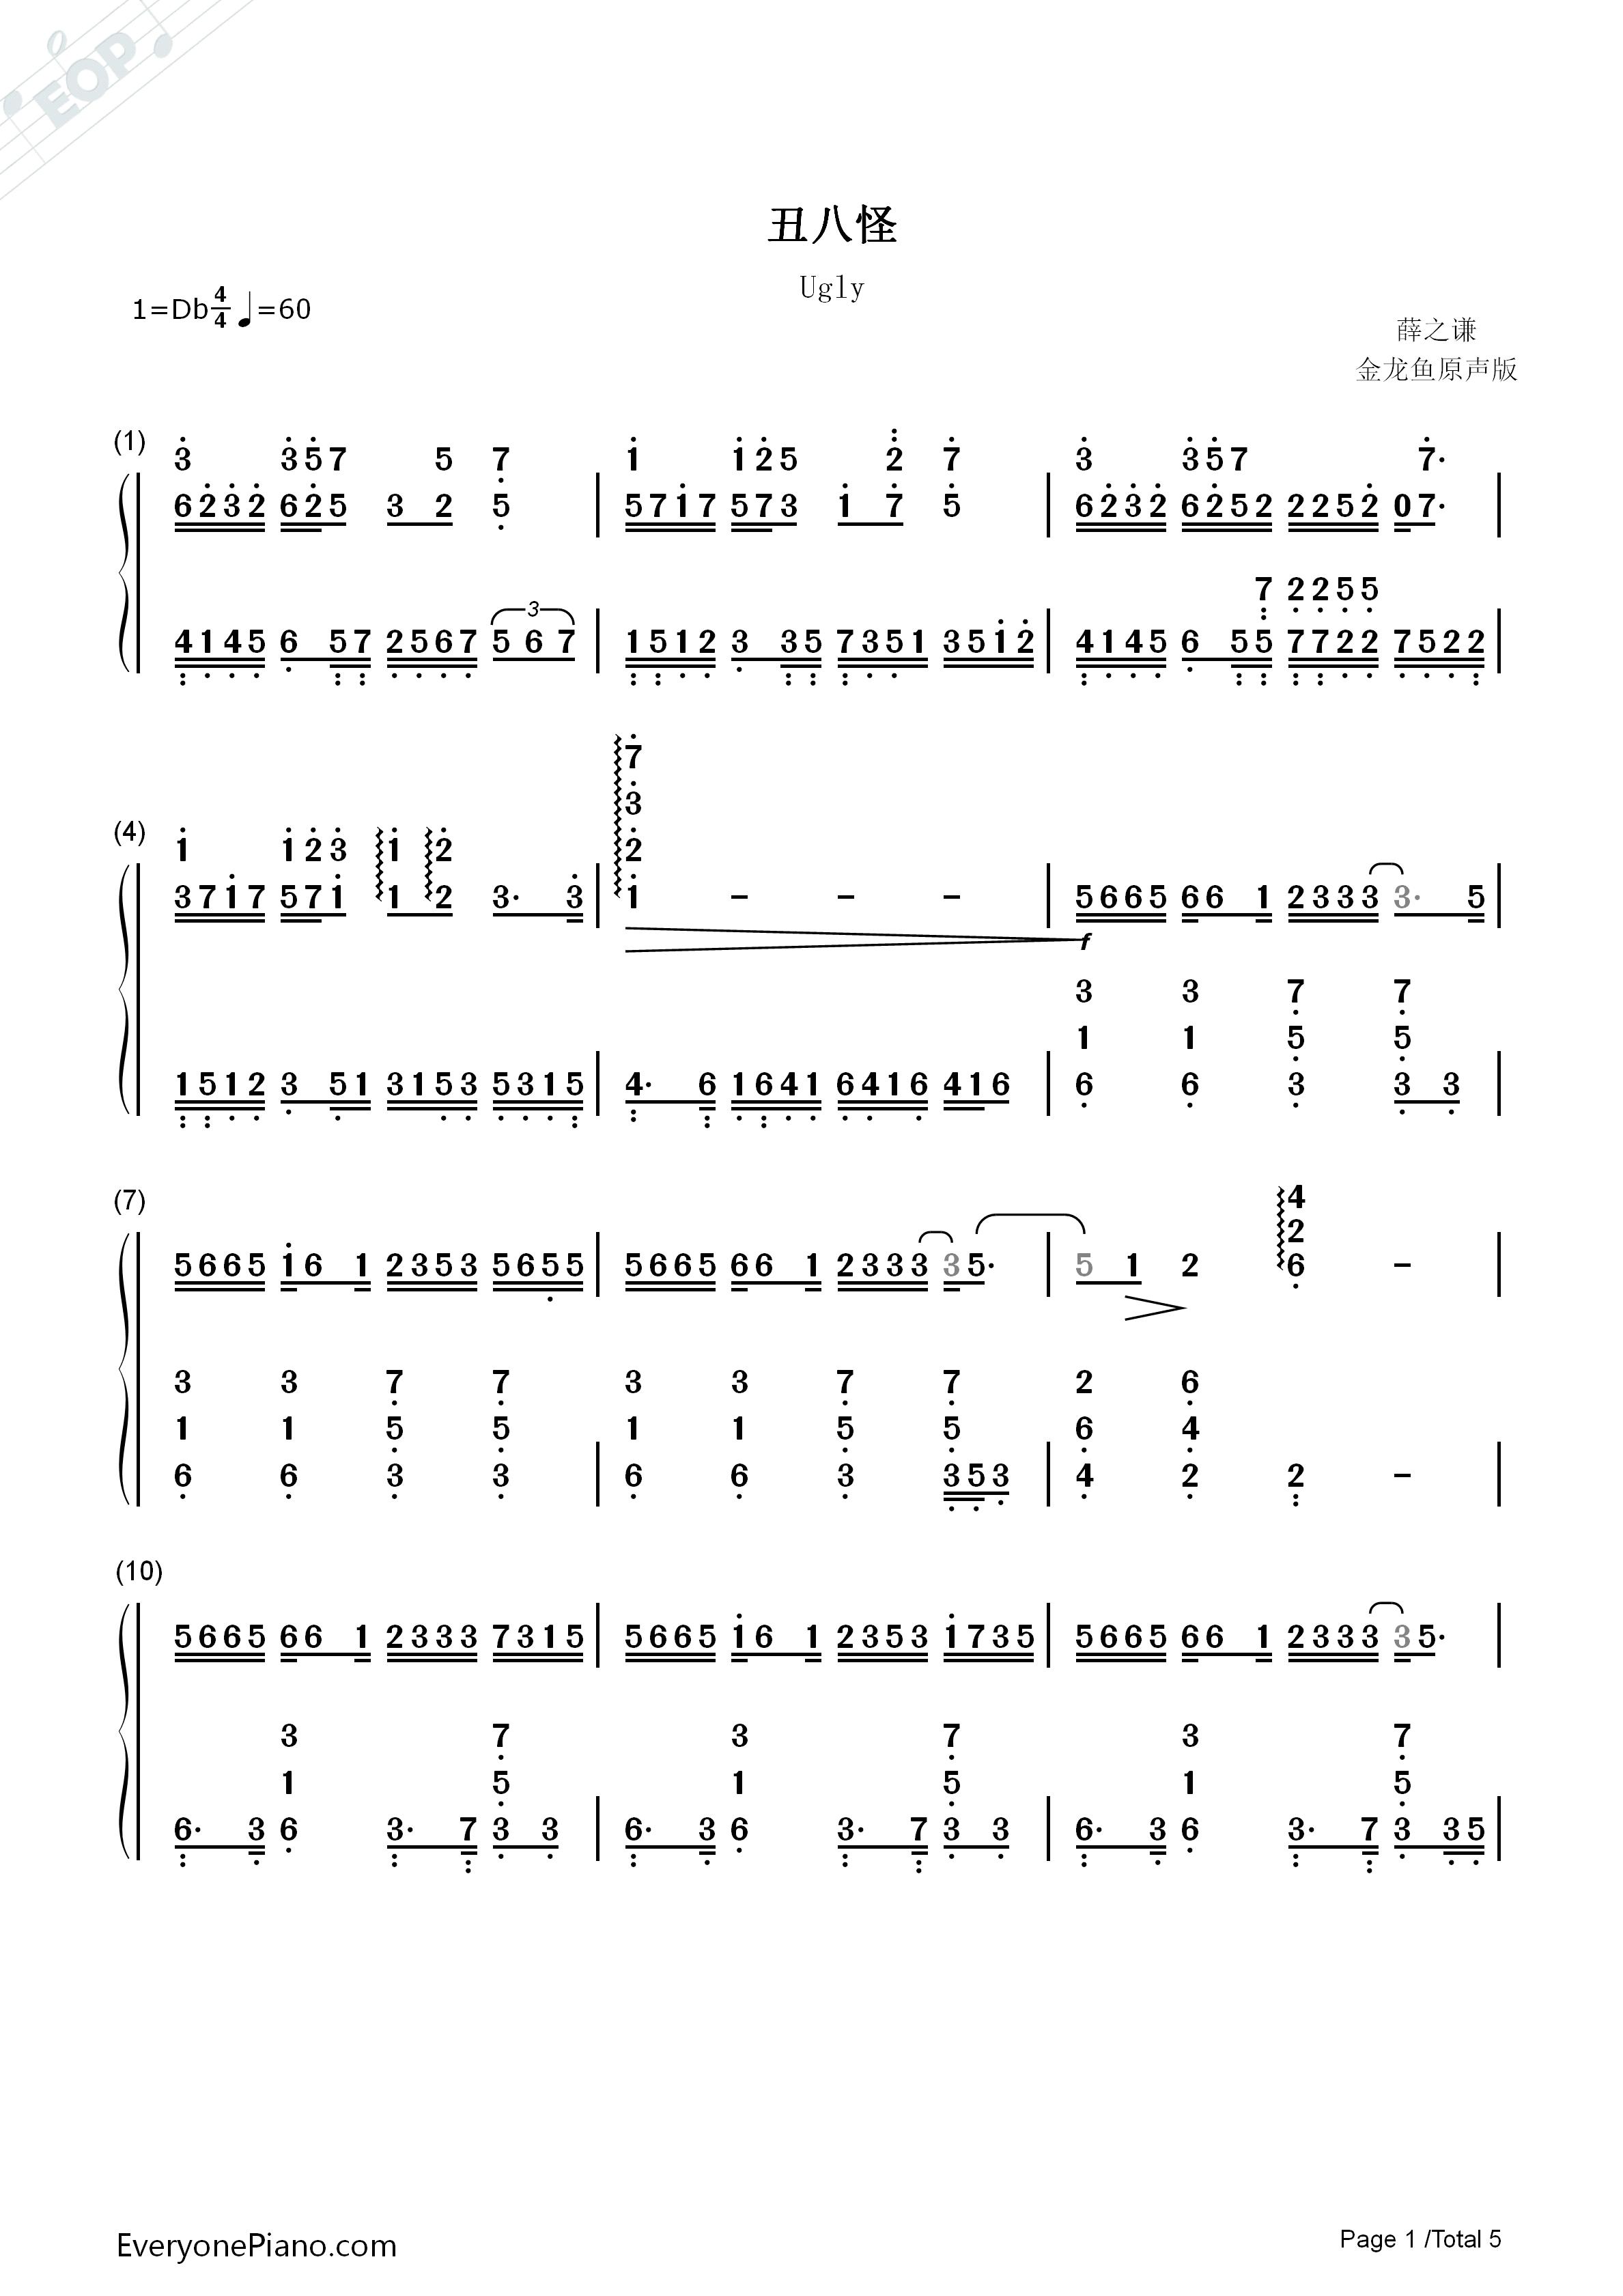 钢琴曲谱 流行 丑八怪-完整版 丑八怪-完整版双手简谱预览1  }  仅供